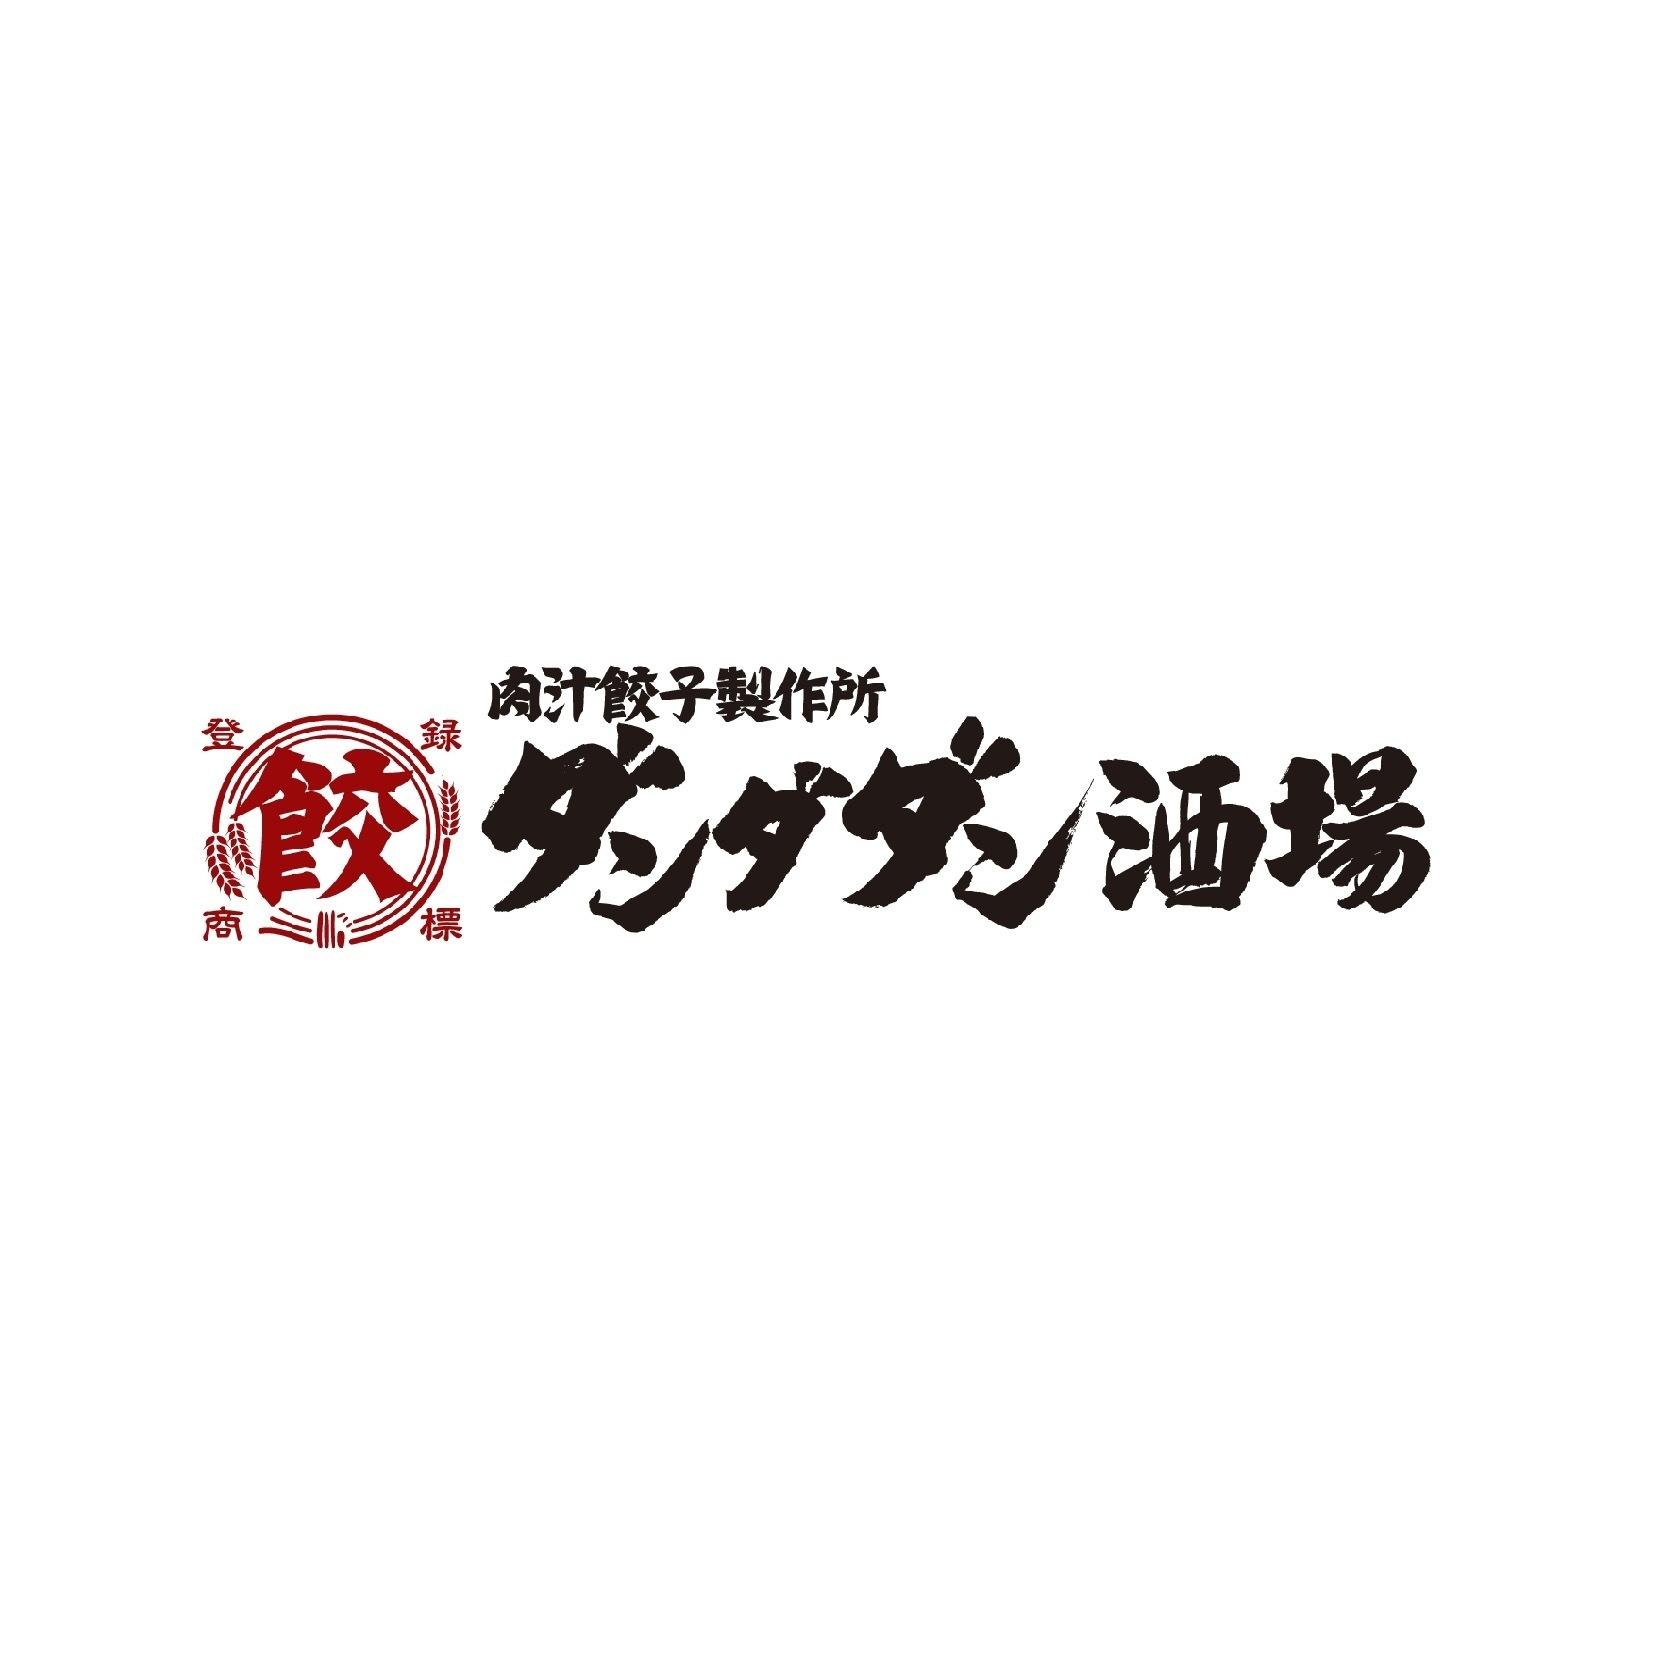 ダンダダン酒場 新宿店